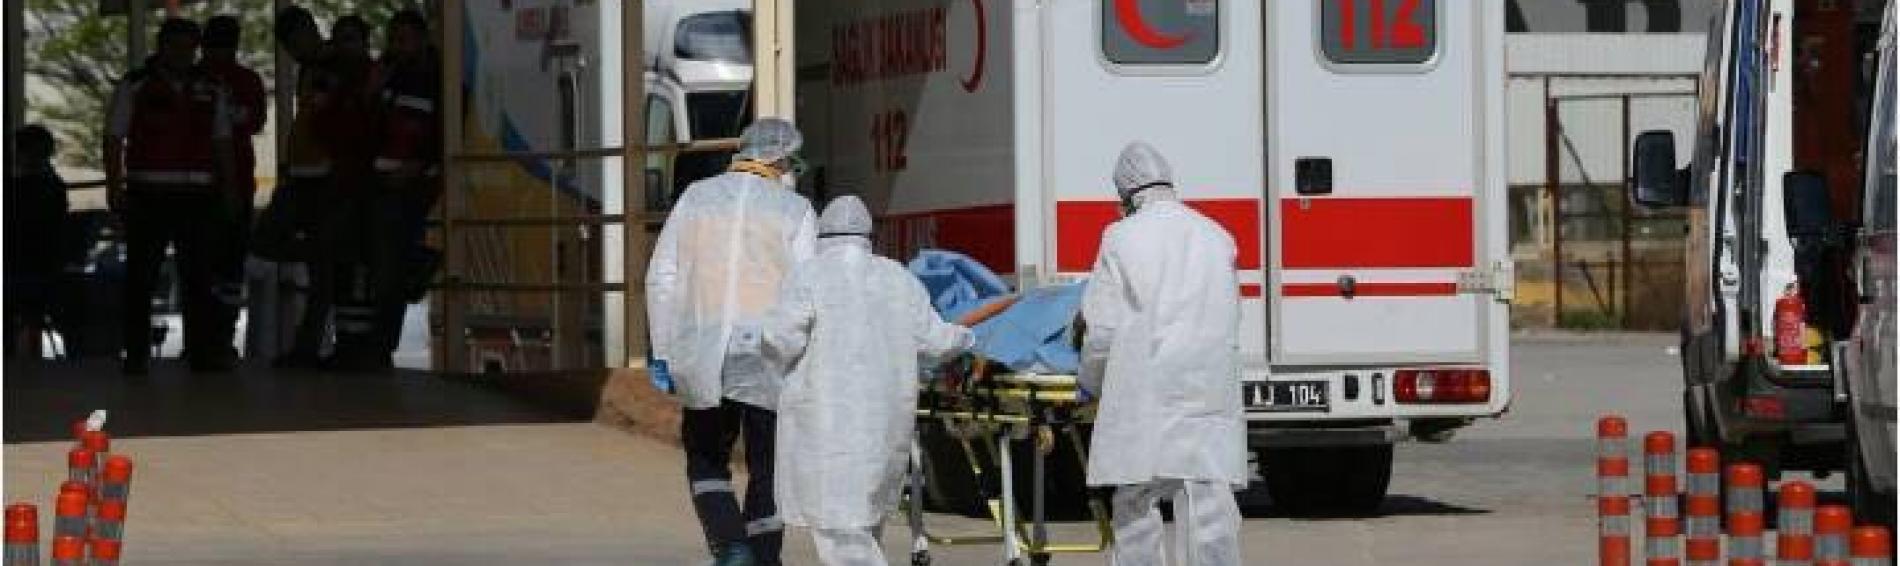 Rettungssanitäter bringen Schwerverletzte in die türkische Grenzstadt Reyhanli.